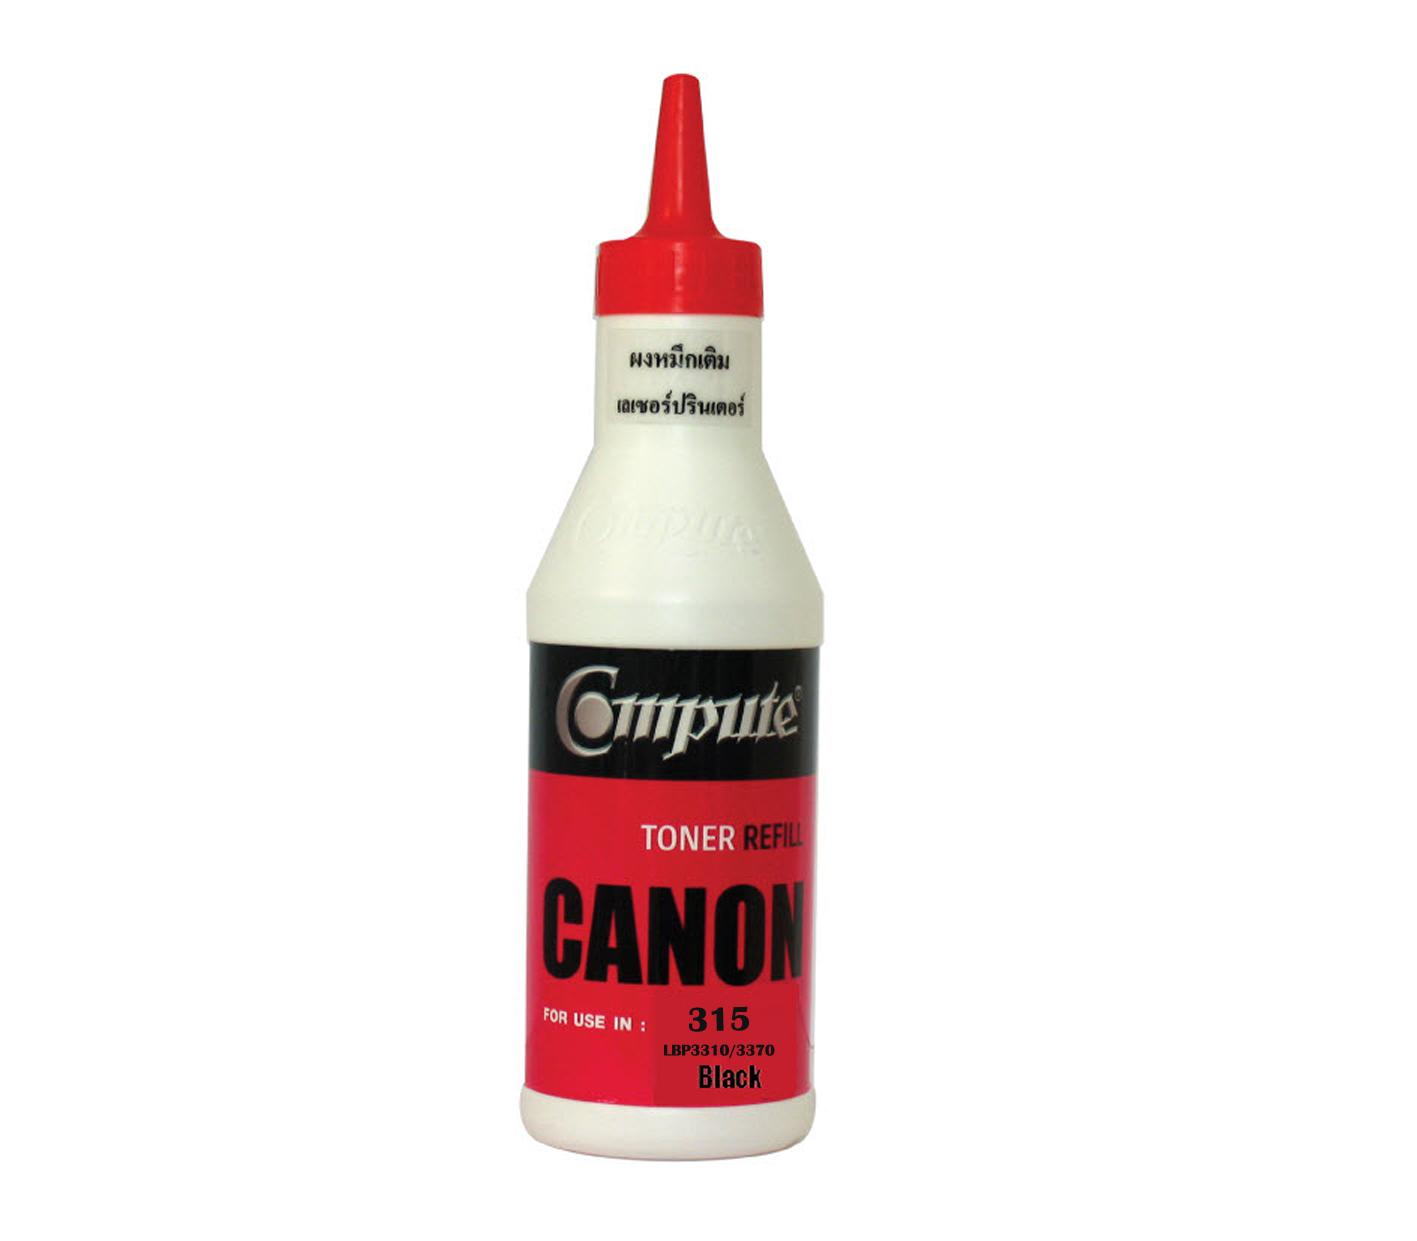 ผงหมึกเติม Canon 315,715 คอมพิวท์ (Refill Toner)